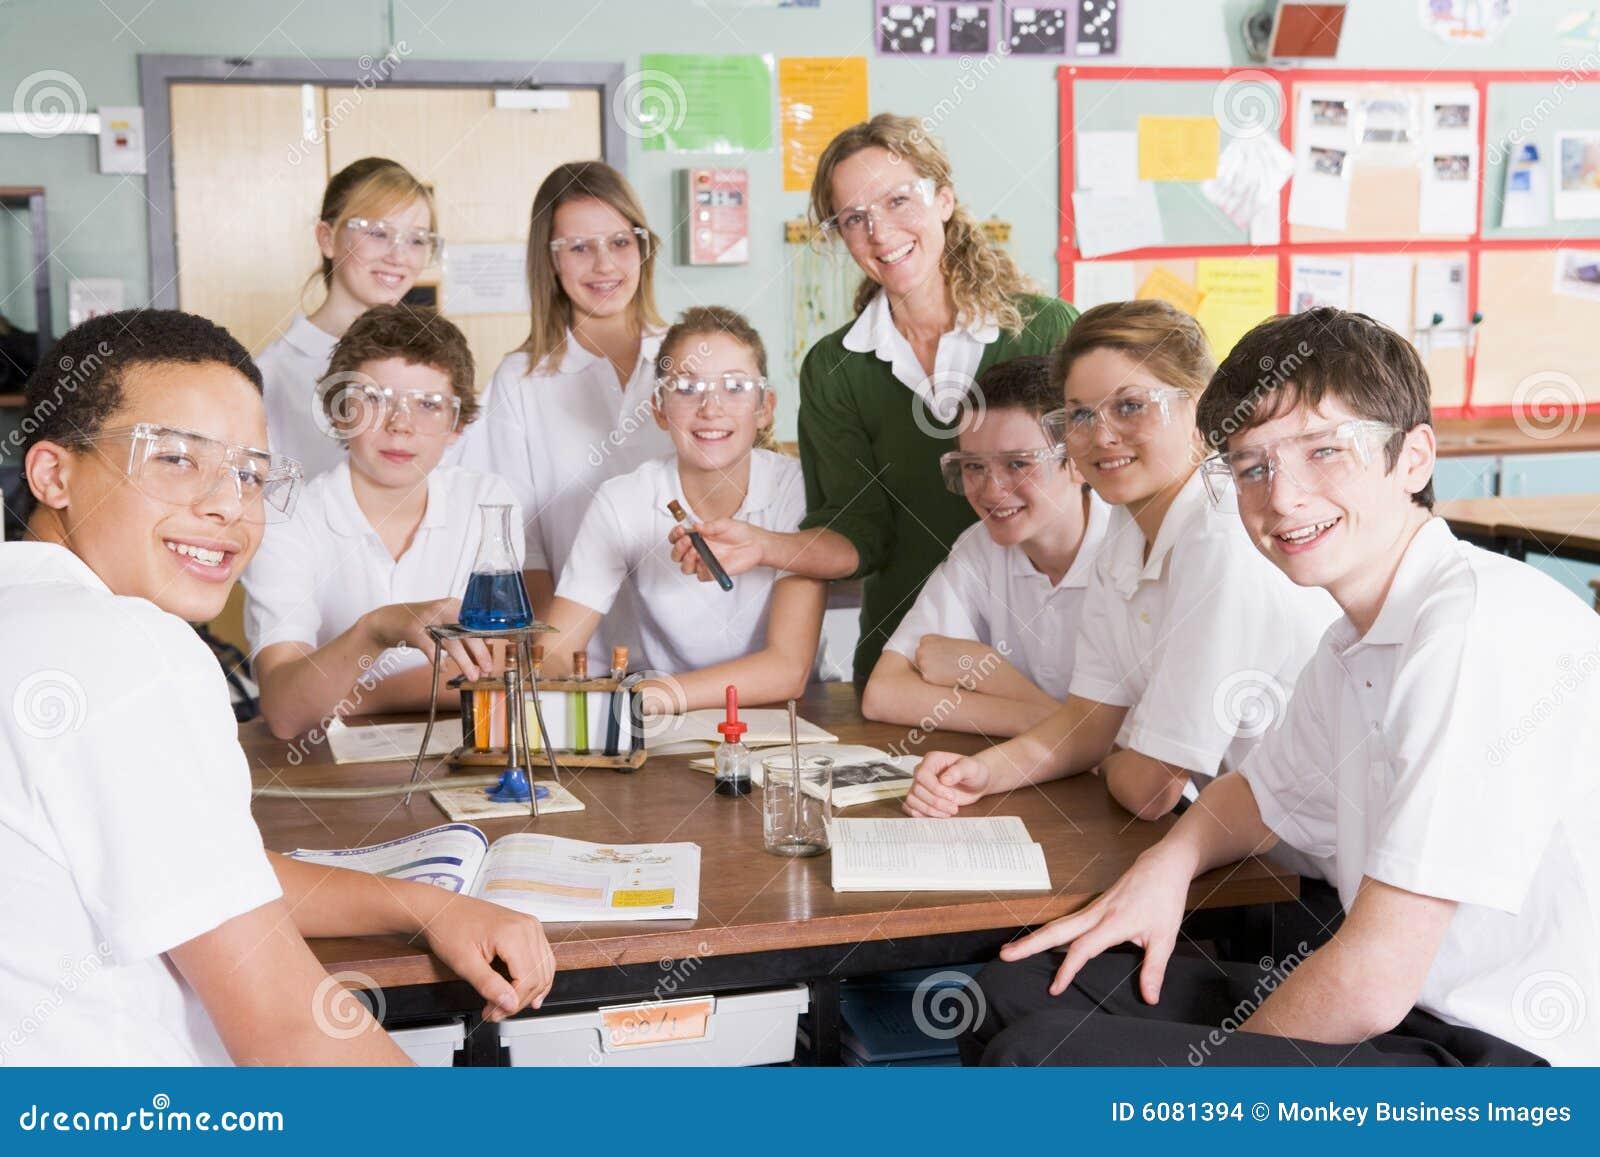 Смотреть бесплатно ученик и учительница 5 фотография